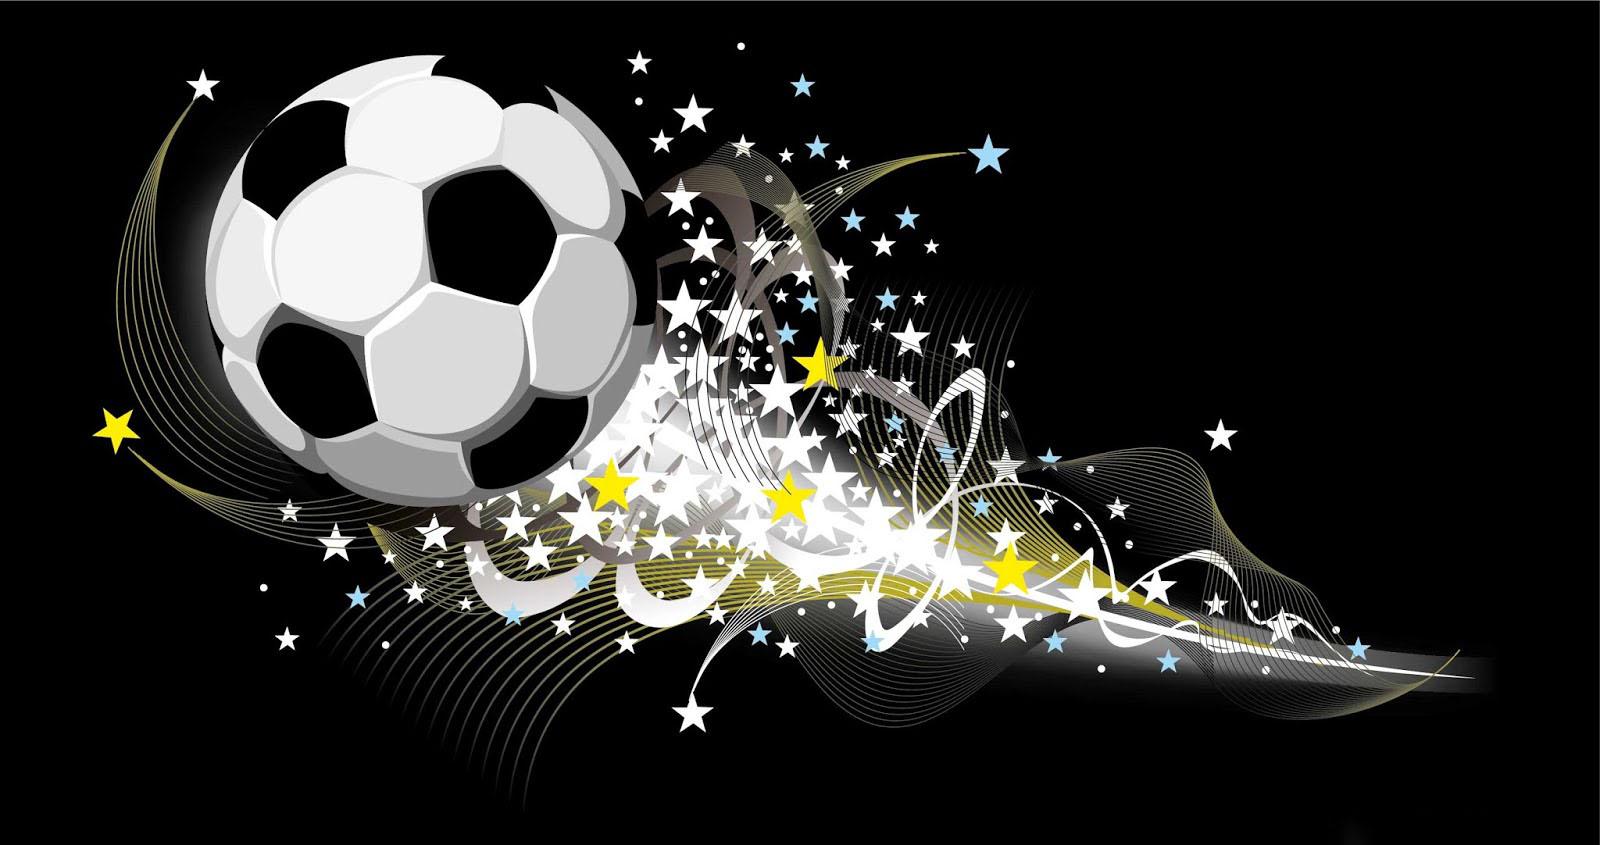 Background bóng đá 3D